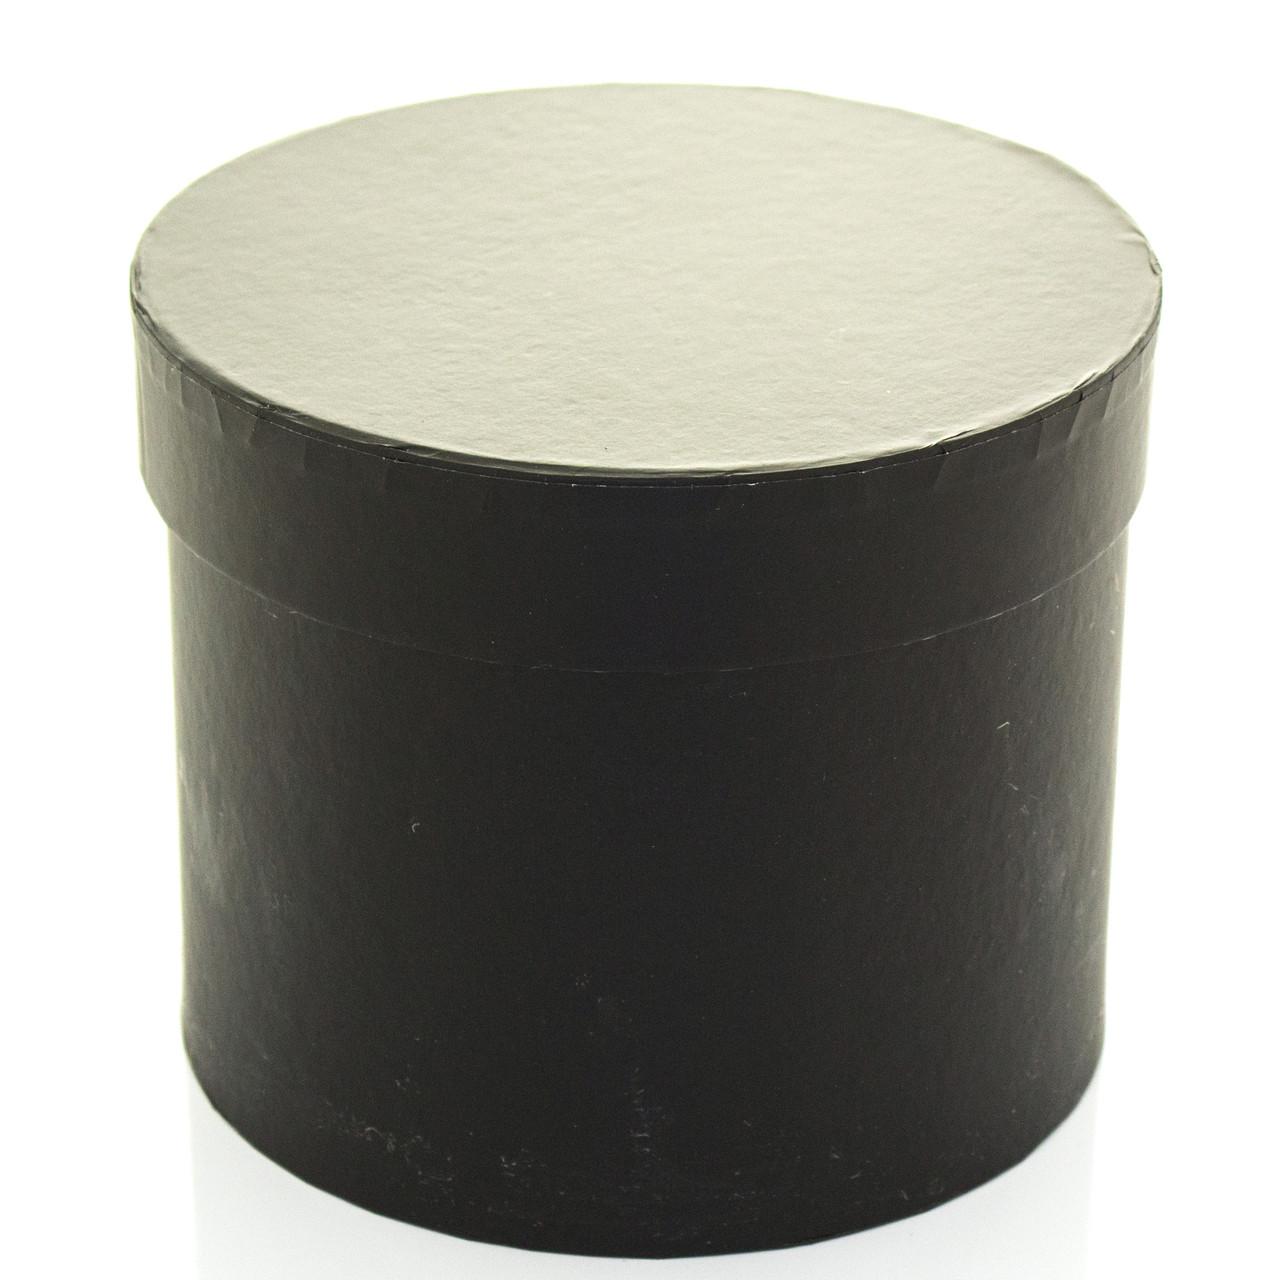 Подарочная коробка круглая черная 20 x 16 см